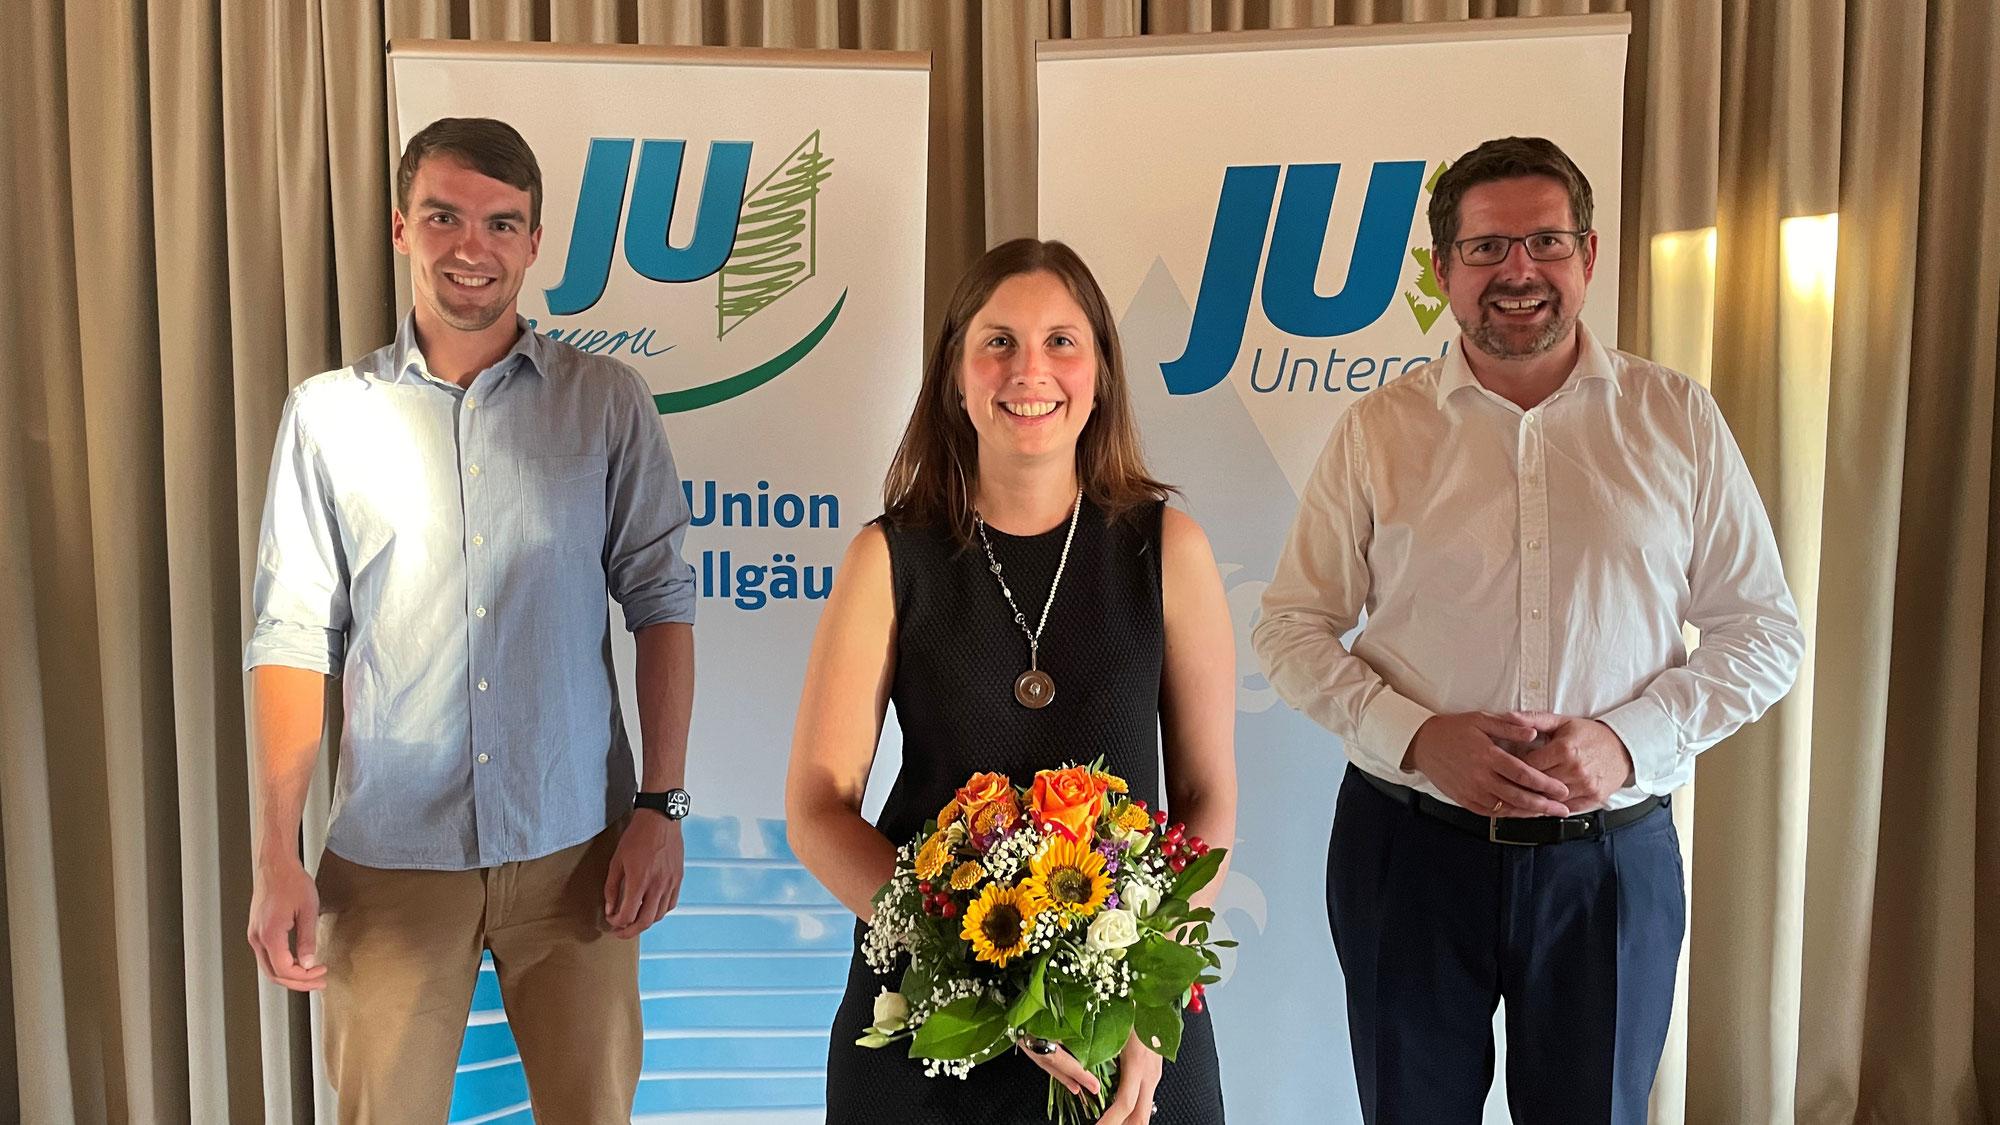 Jungen Union Unterallgäu wählt neue Vorstandschaft